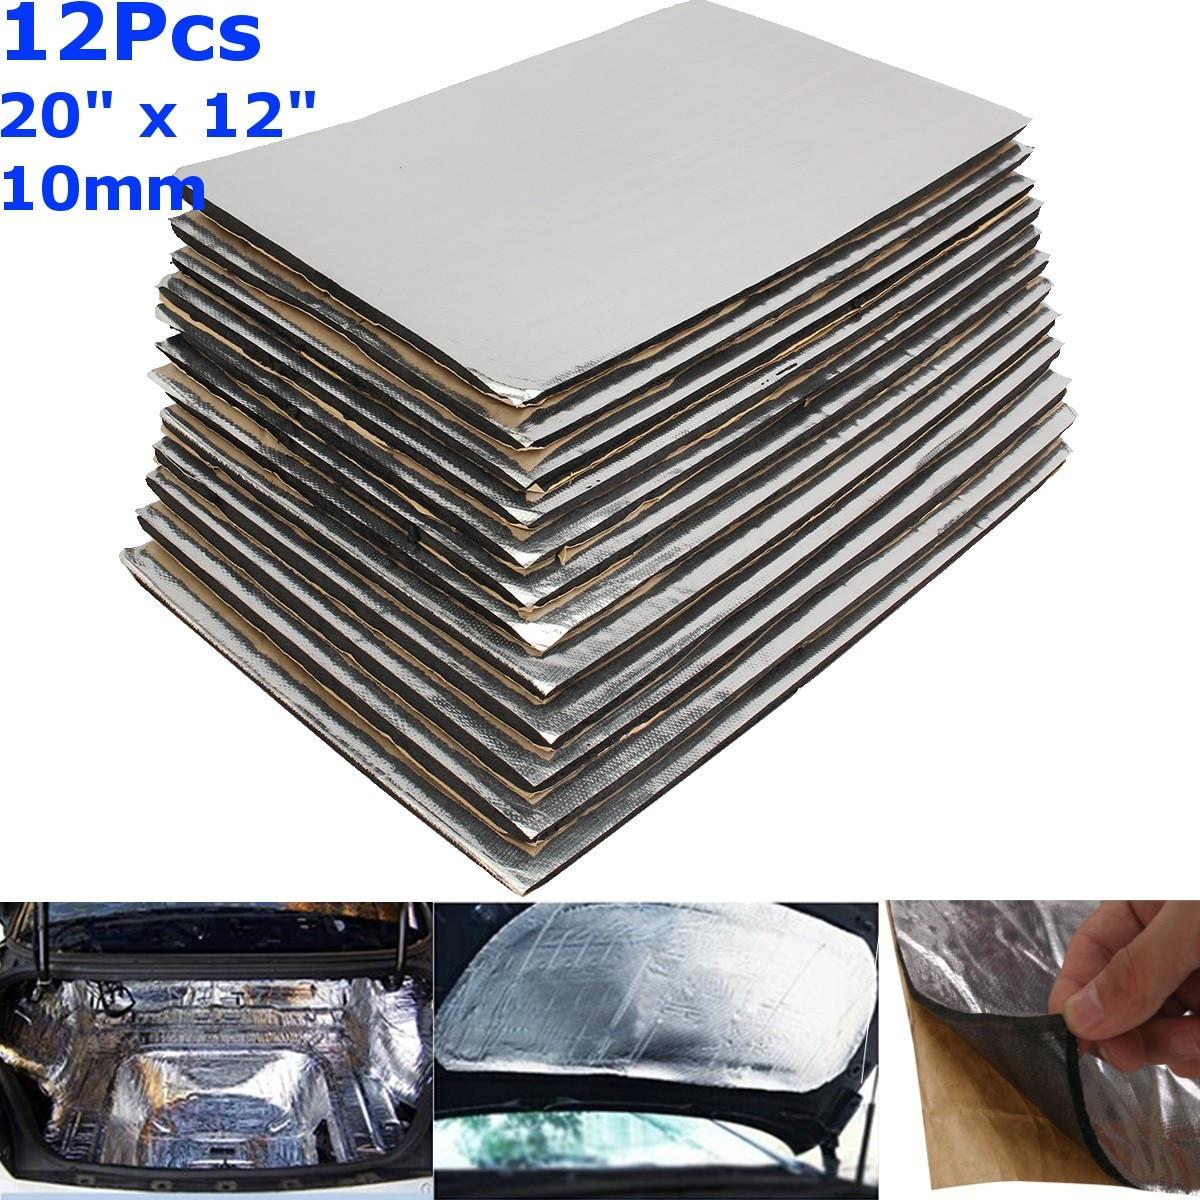 9pcs/12pcs 10mm 8mm 6mm Car Sound Mat Proofing Deadener Heat Noise Insulation Deadening Mat Hood Closed Cell Foam 50x30cm